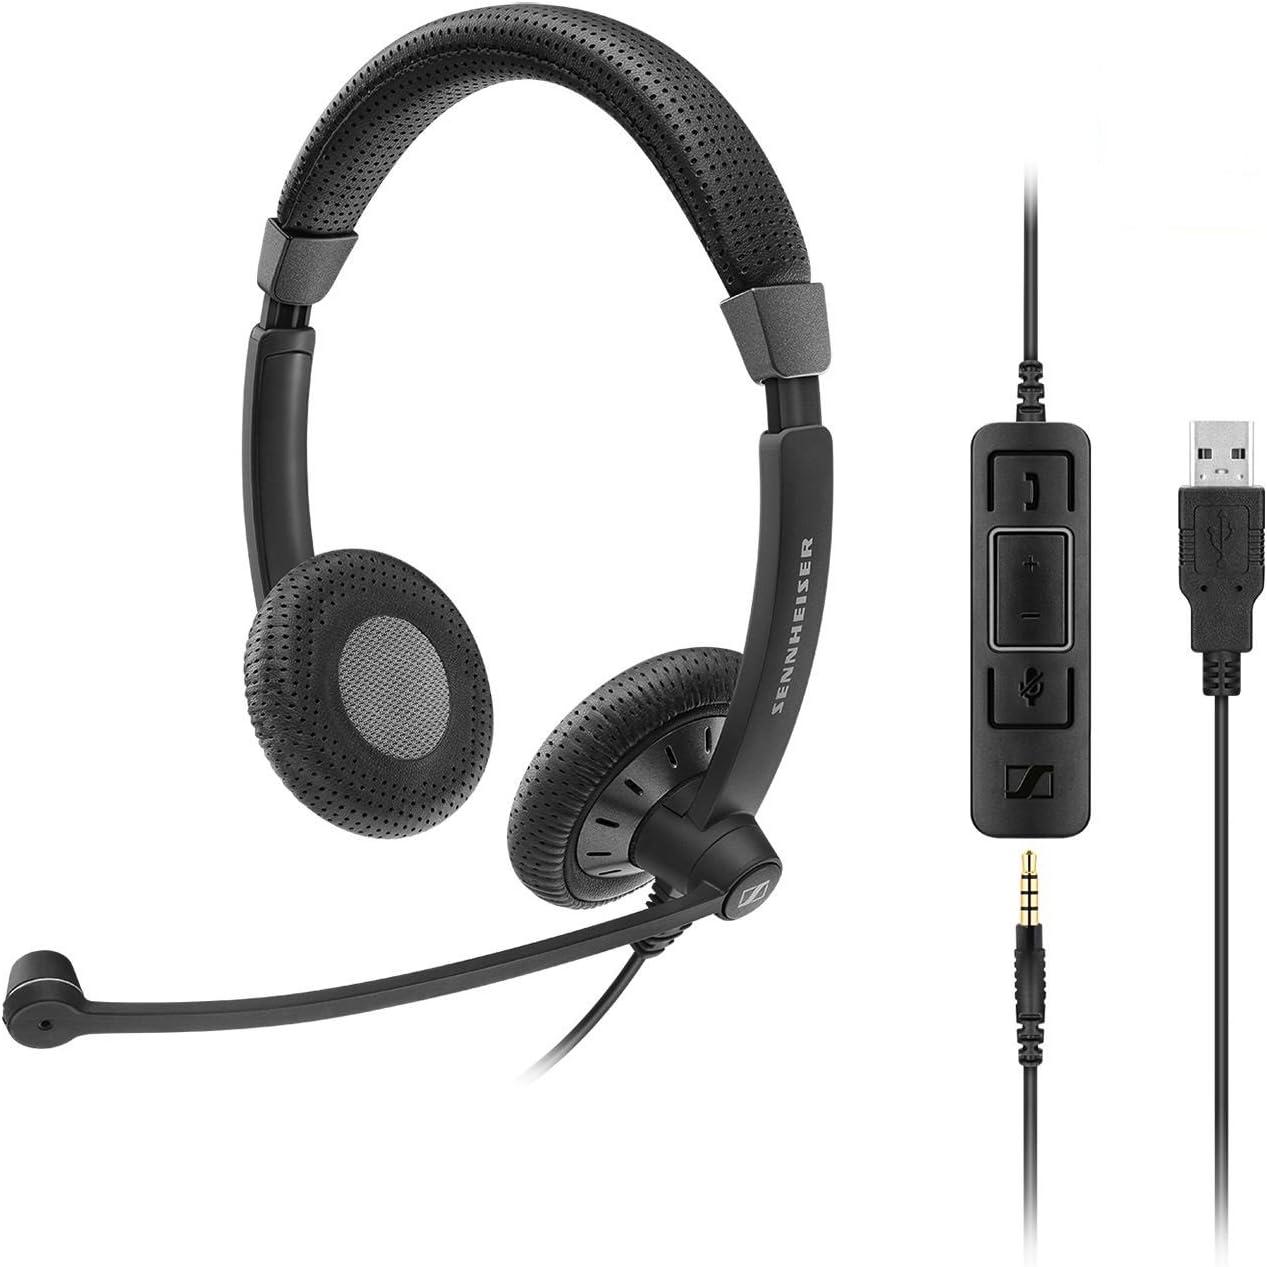 Sennheiser SC 75 USB MS Binaural Diadema Negro - Auriculares con micrófono (Centro de Llamadas/Oficina, Binaural, Diadema, Negro, Alámbrico, 1,12 m)